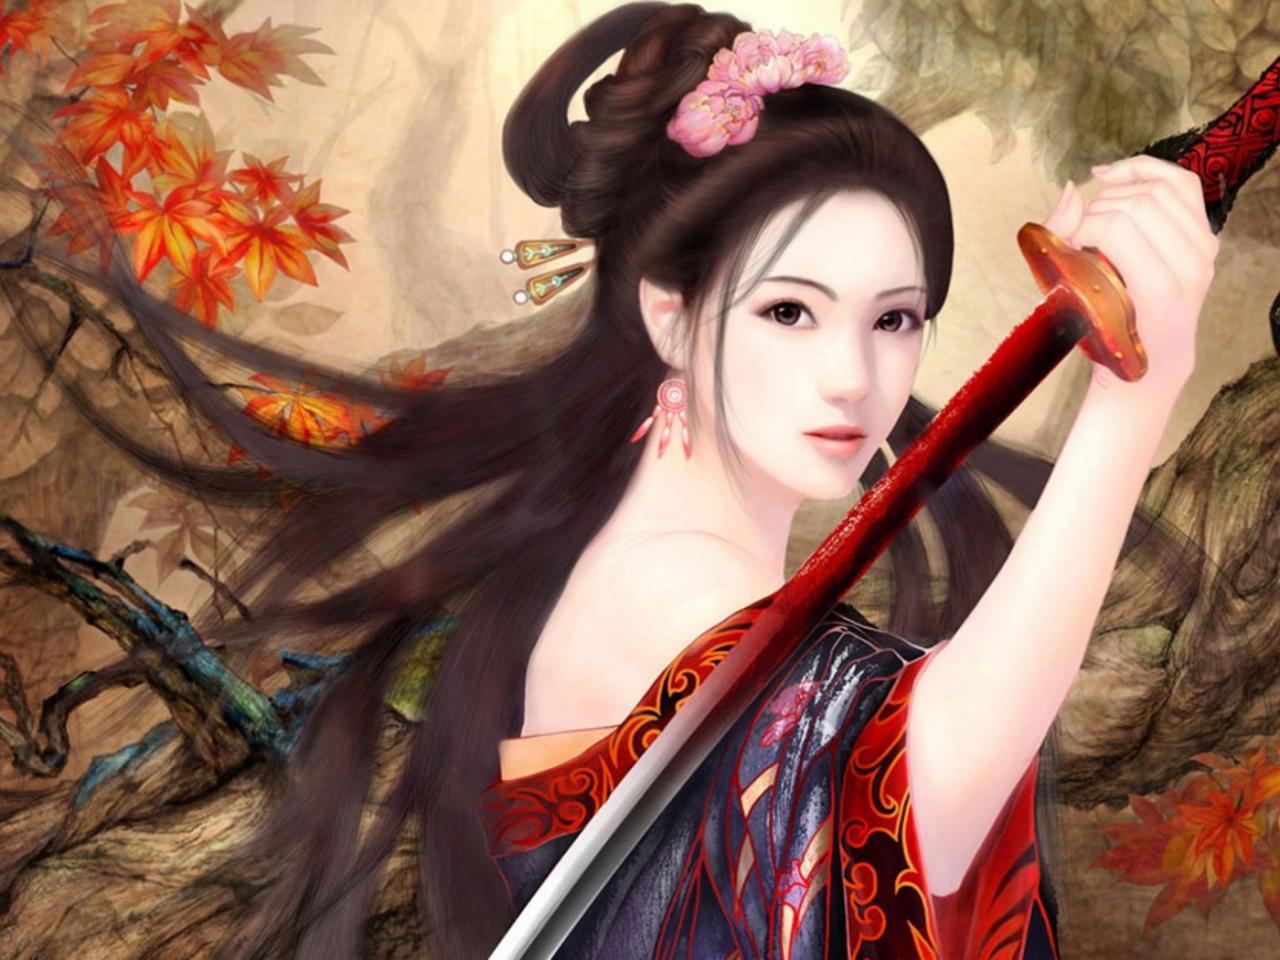 Chica de anime - 1280x960